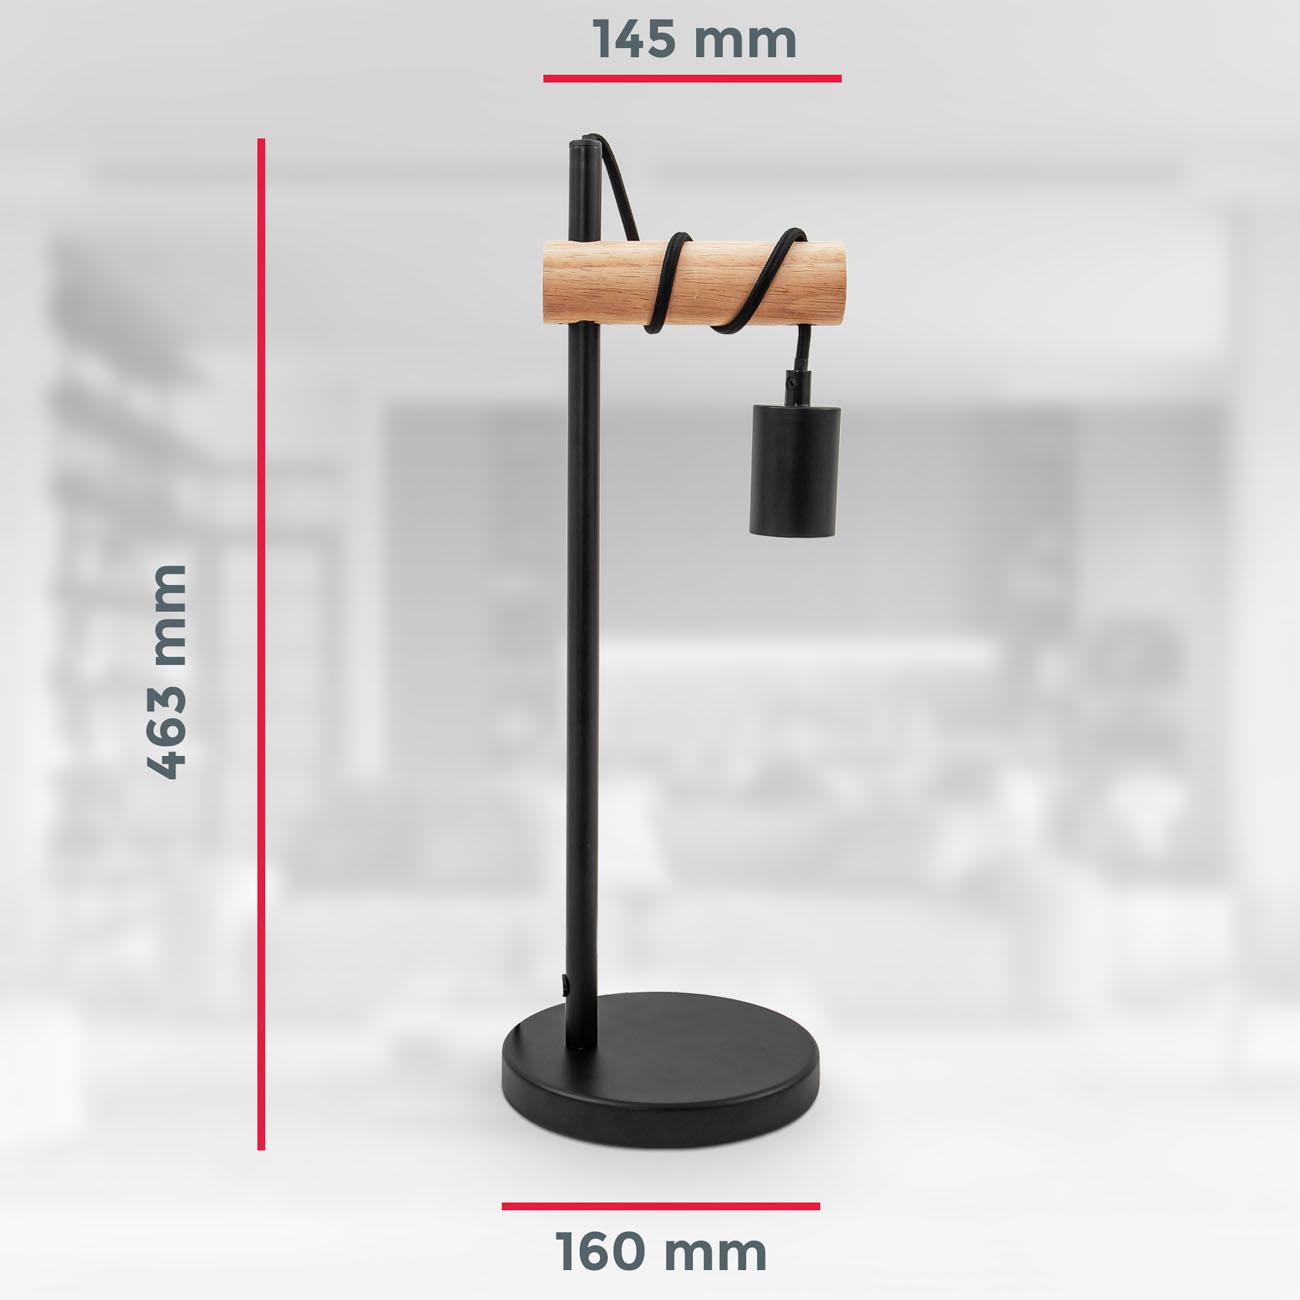 Retro Tischleuchte Metall-Holz-Optik schwarz E27 - 6